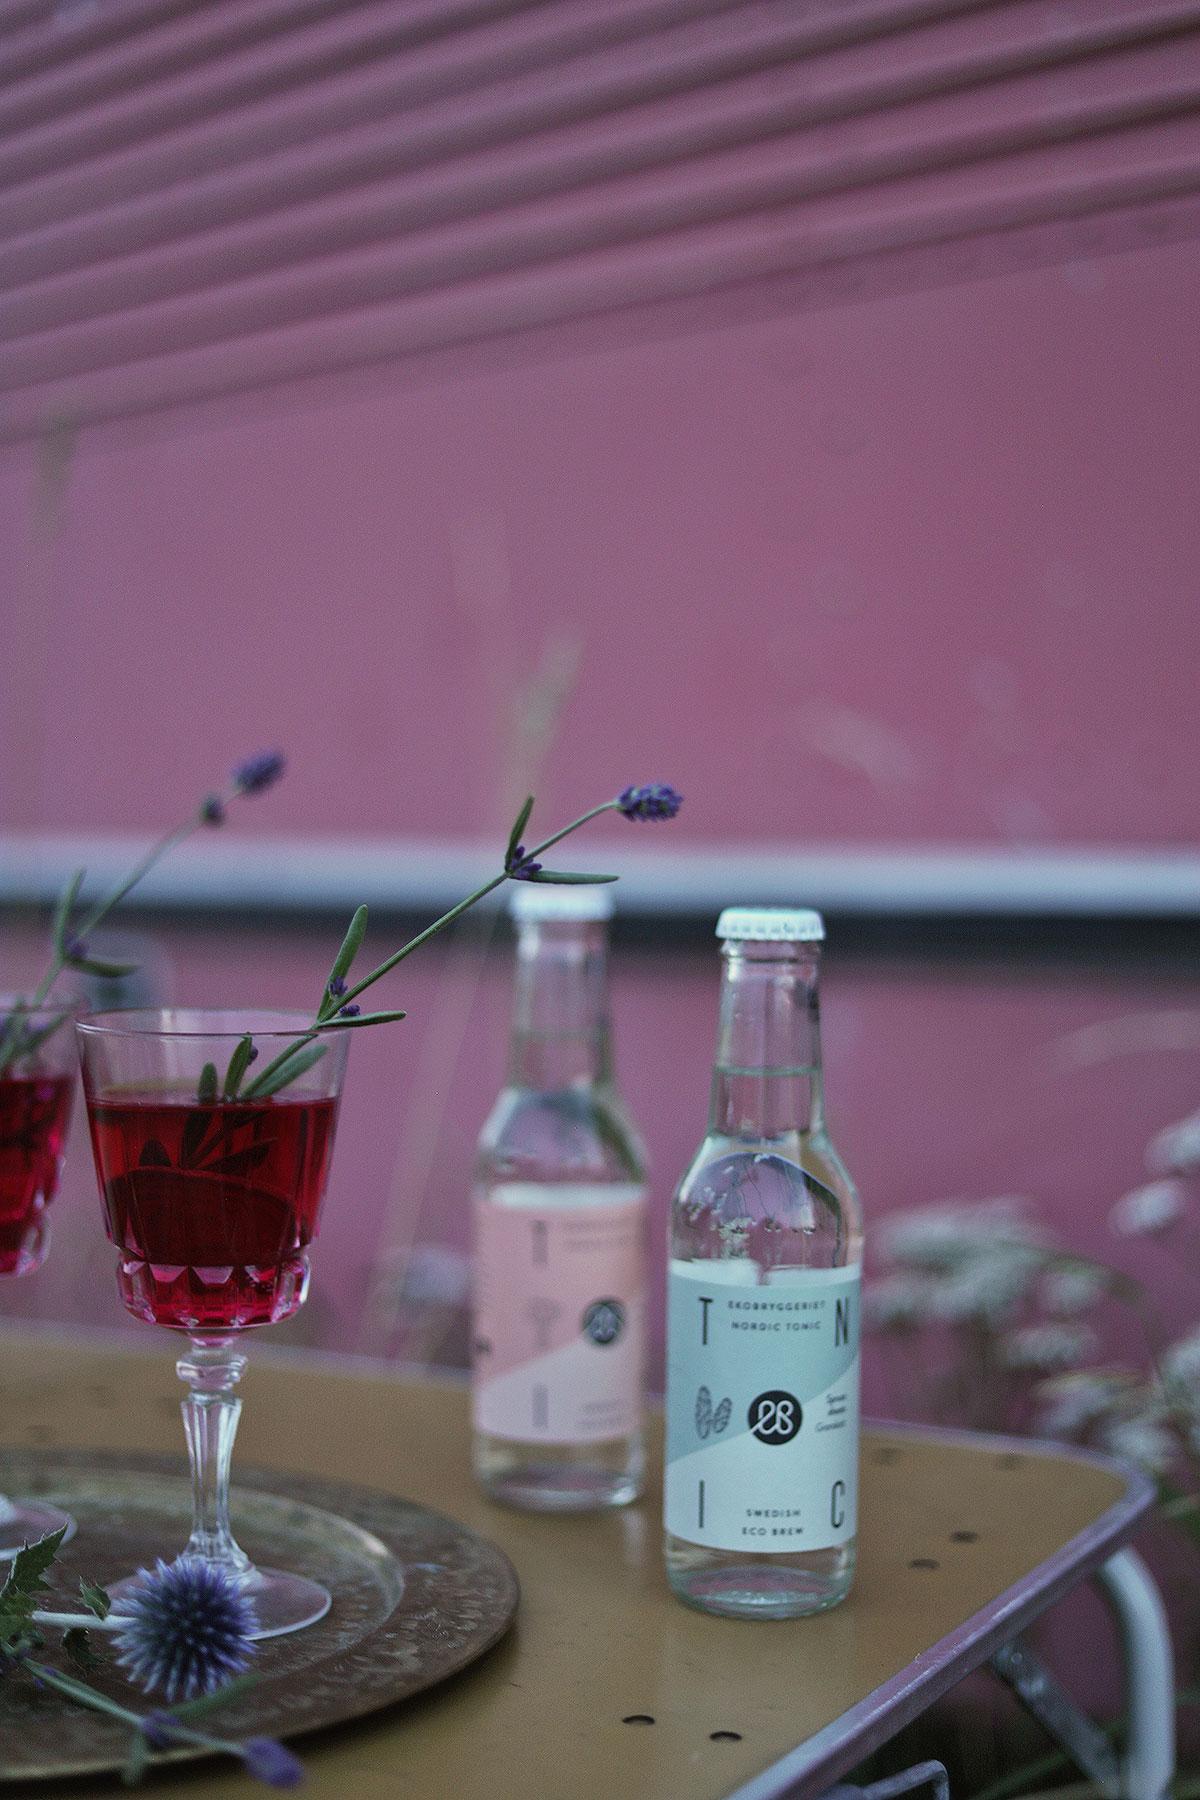 ekobryggeriet soda drink drinkar sommardrink sommardrinkar lavendel rabarber granskott tonic emmasundh.com